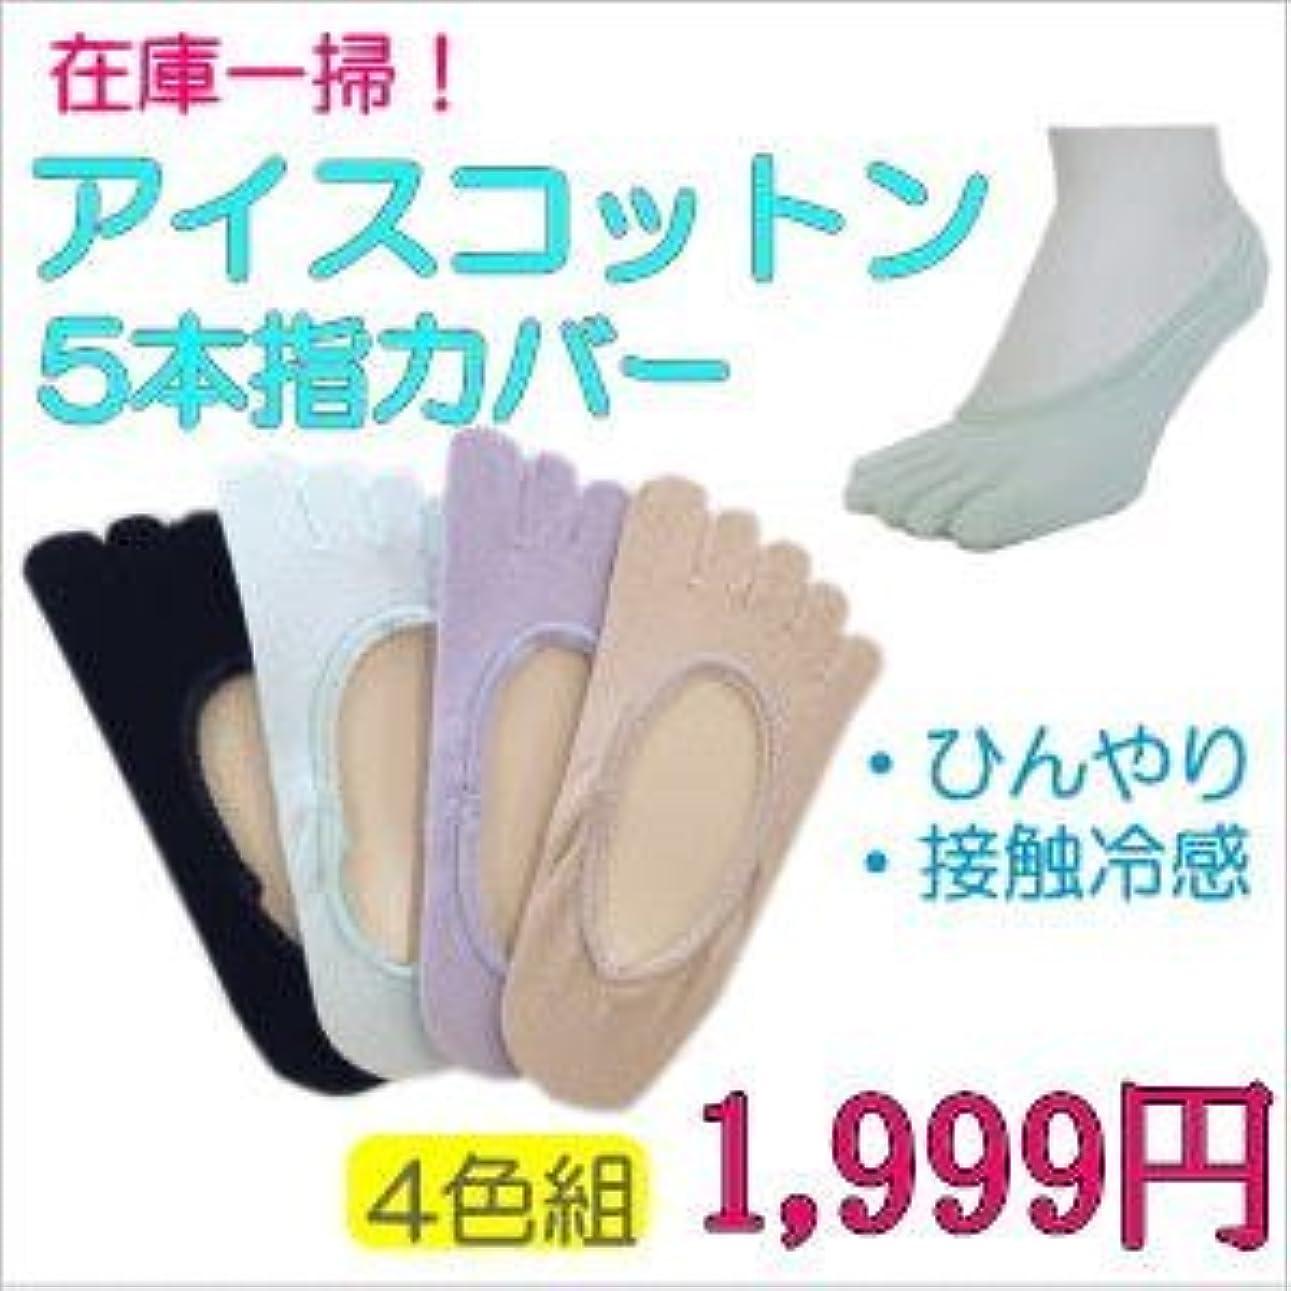 タブレットピストルアトミックこのヒンヤリ感がたまらない 女性用 綿100 薄手 接触冷感 5本指 ソックス ひんやり 4足組 22-24cm